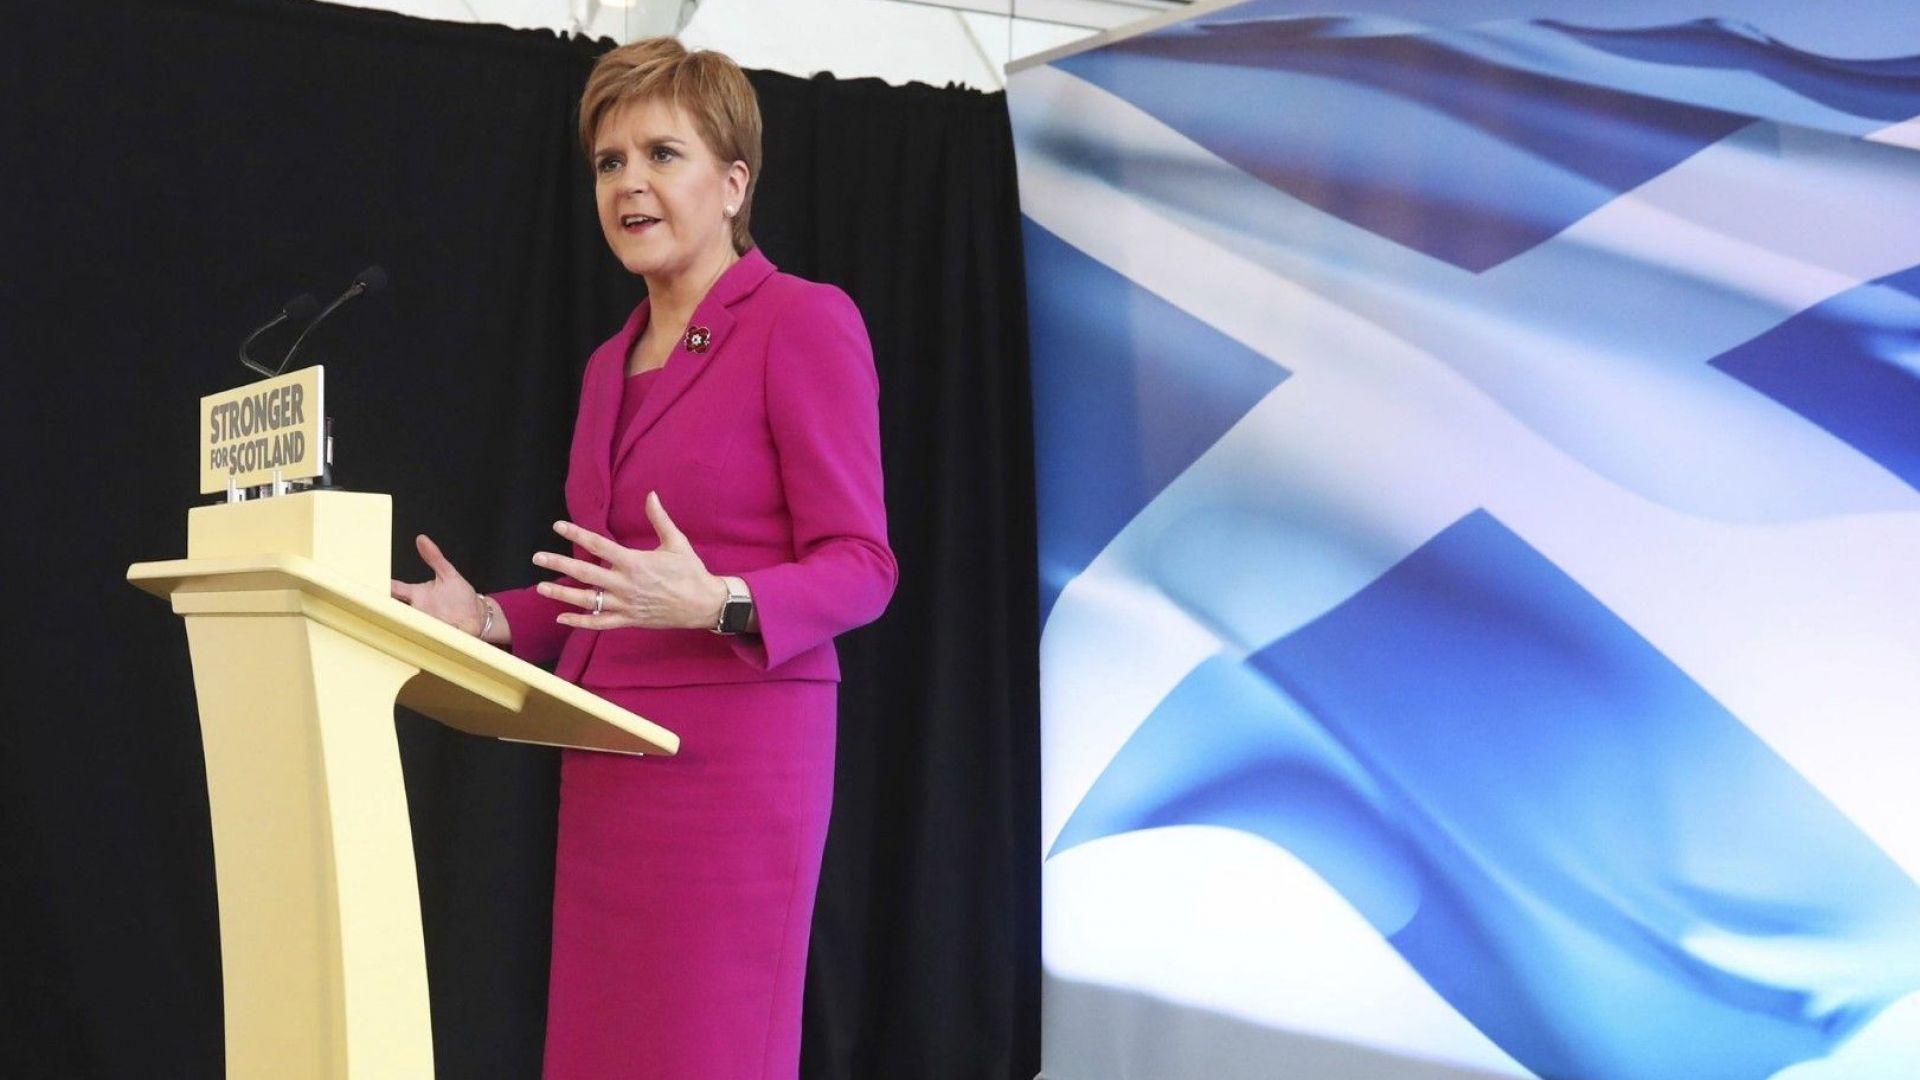 Стърджън към Джонсън: Не може да задържите Шотландия в Обединеното кралство насила